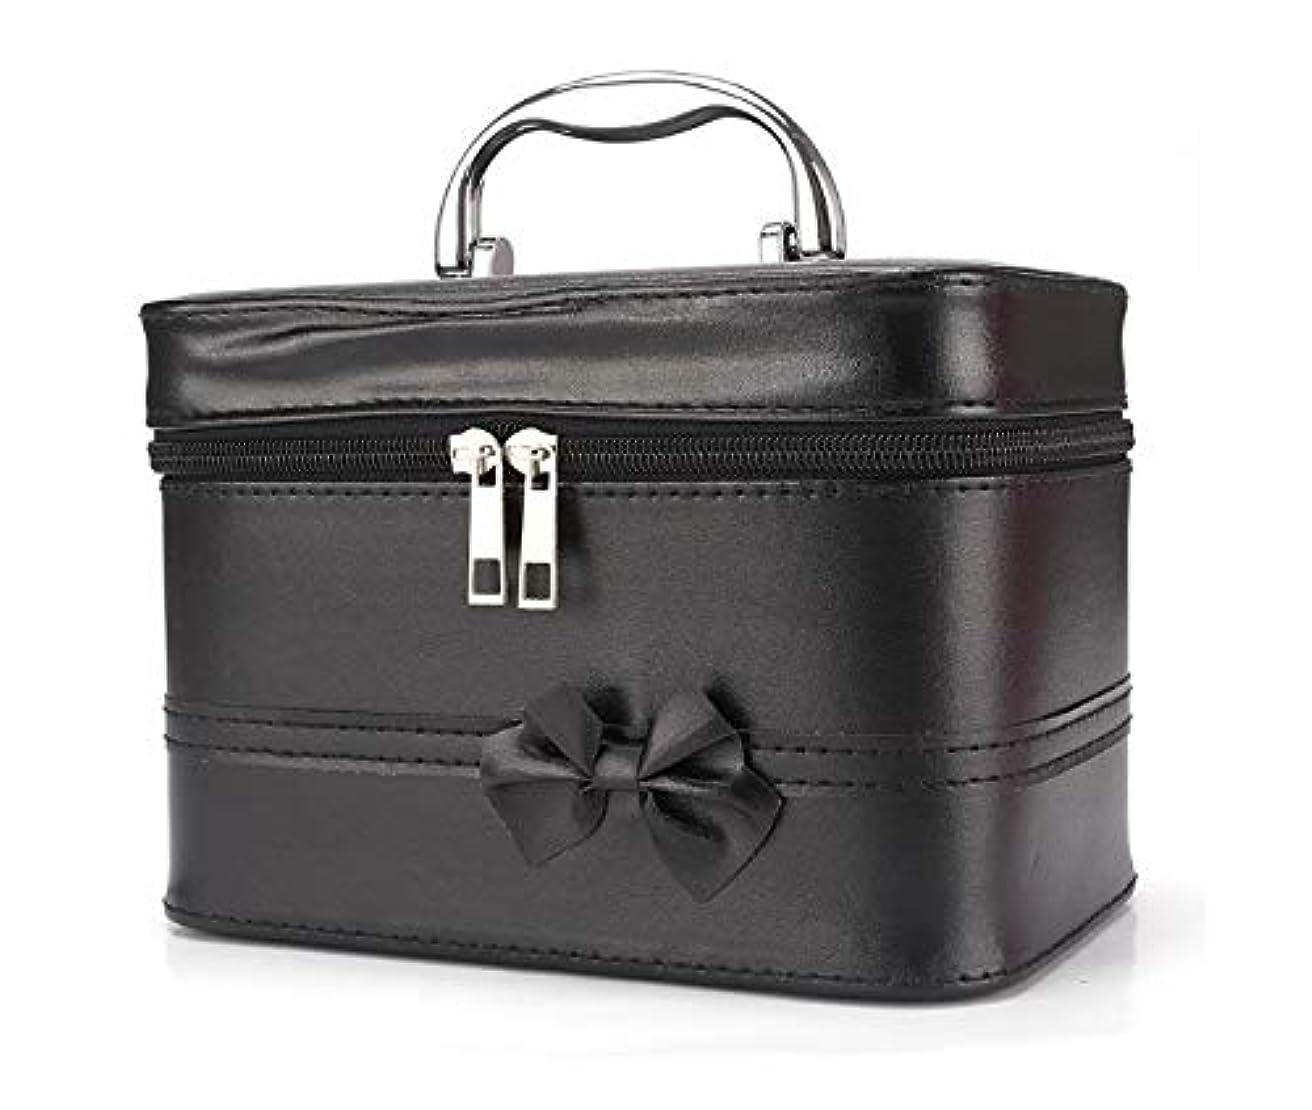 患者作動するで出来ている化粧箱、弓スクエアポータブル化粧品袋、ポータブルポータブル旅行化粧品ケース、美容ネイルジュエリー収納ボックス (Color : ブラック)